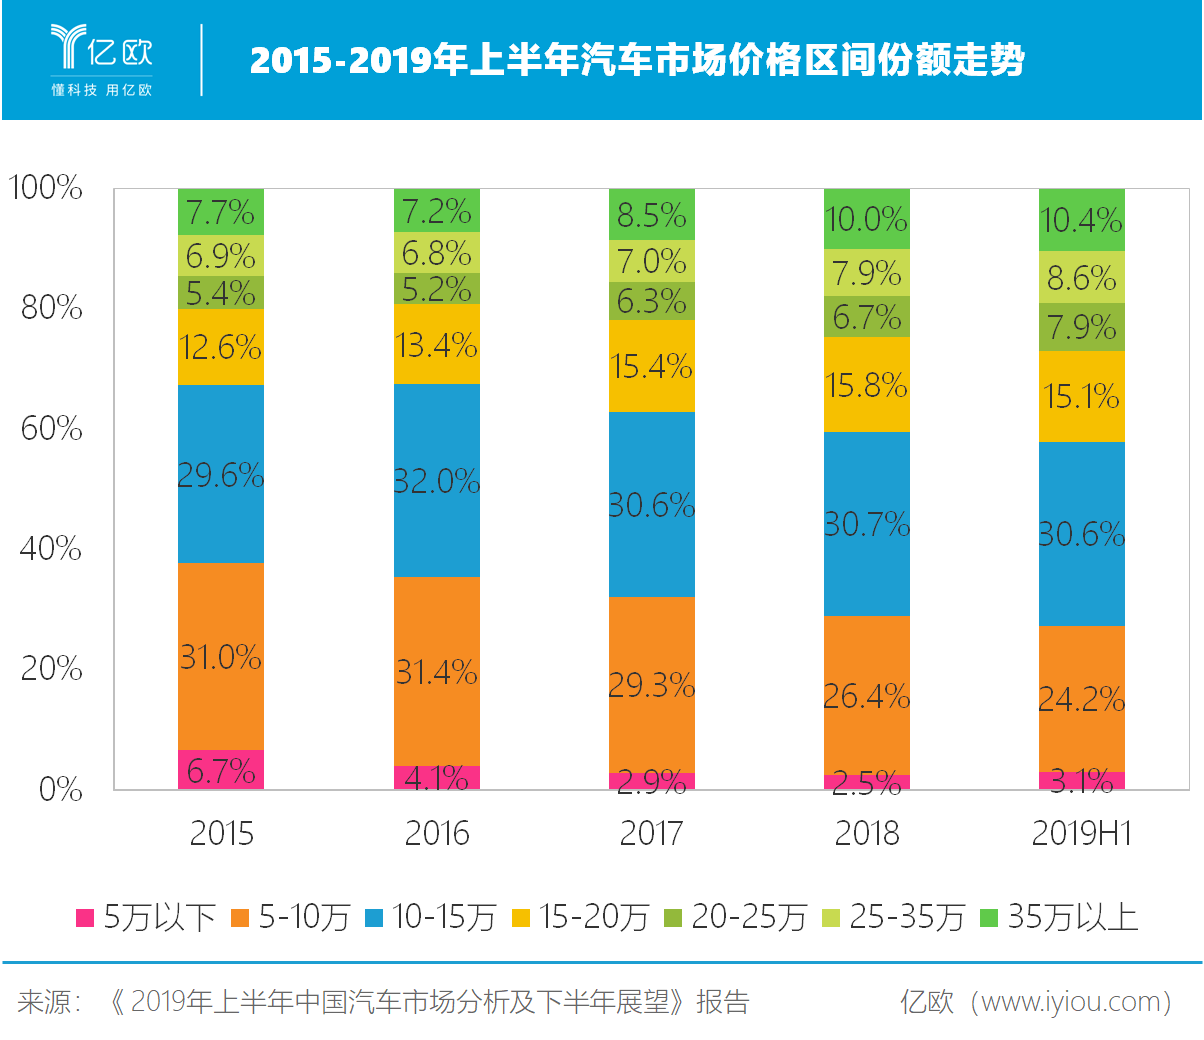 2015-2019年上半年价格区间份额行势.png